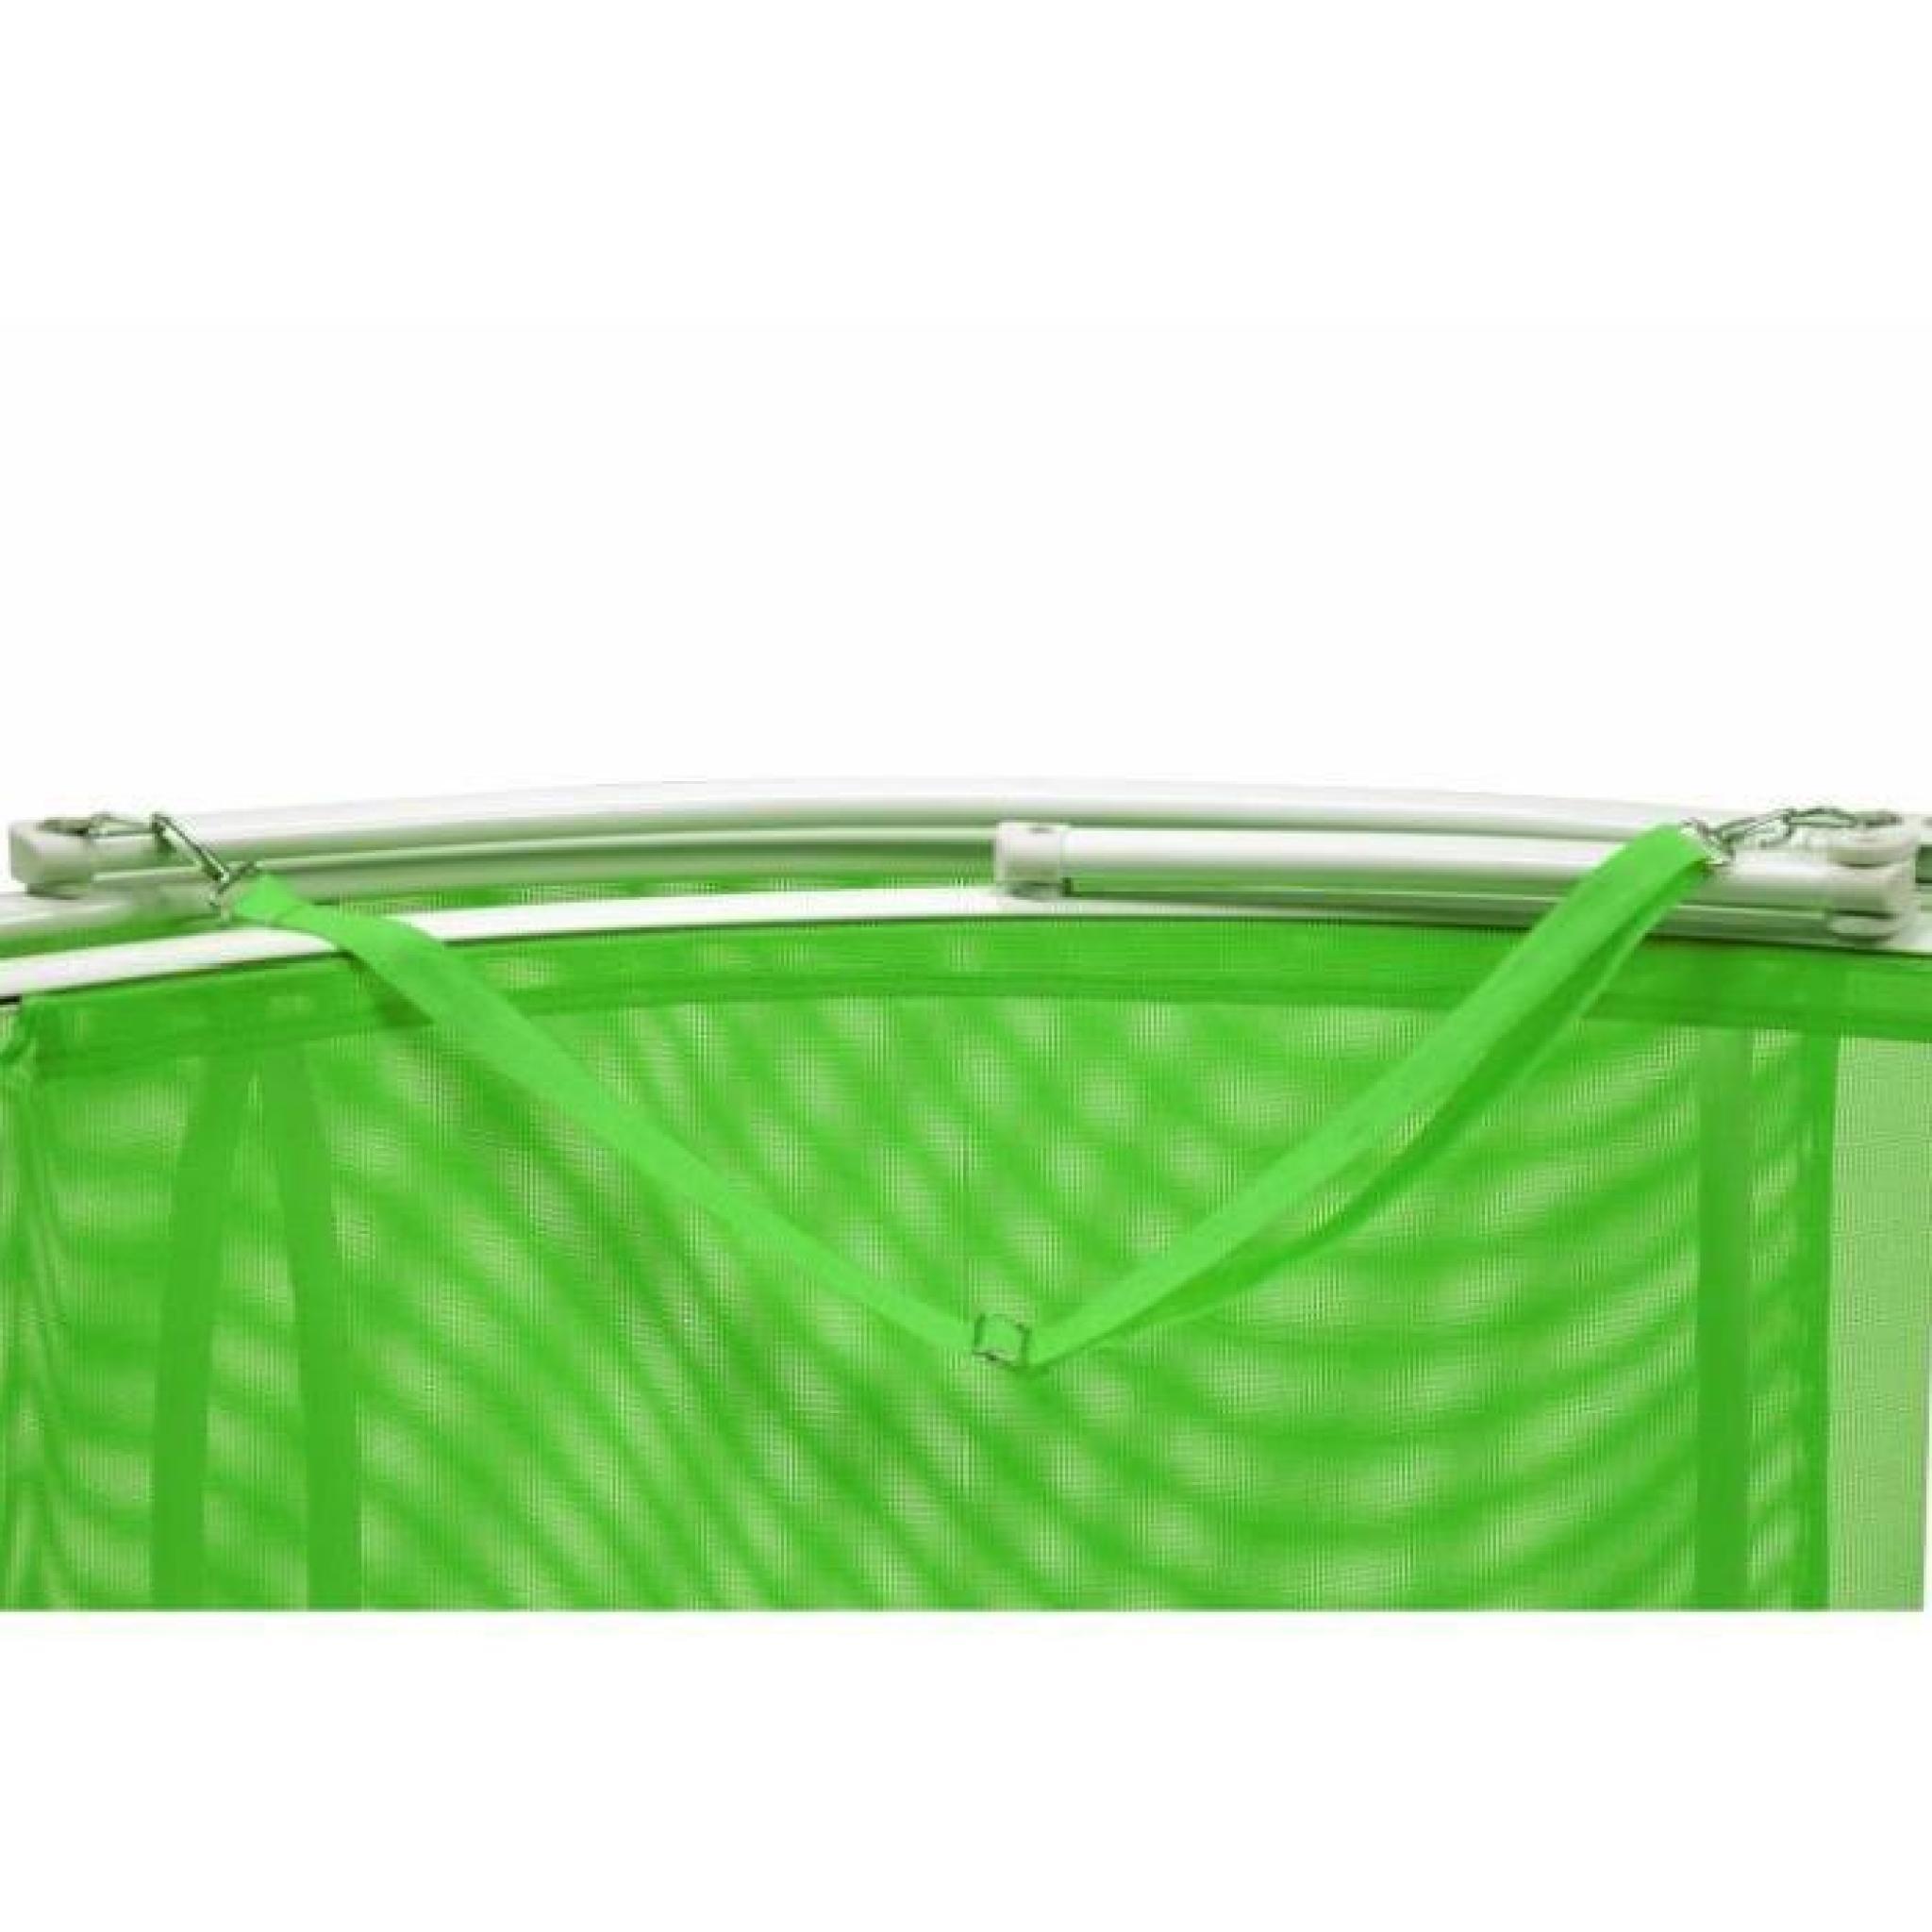 transat pliable vert bain de soleil achat vente transat. Black Bedroom Furniture Sets. Home Design Ideas